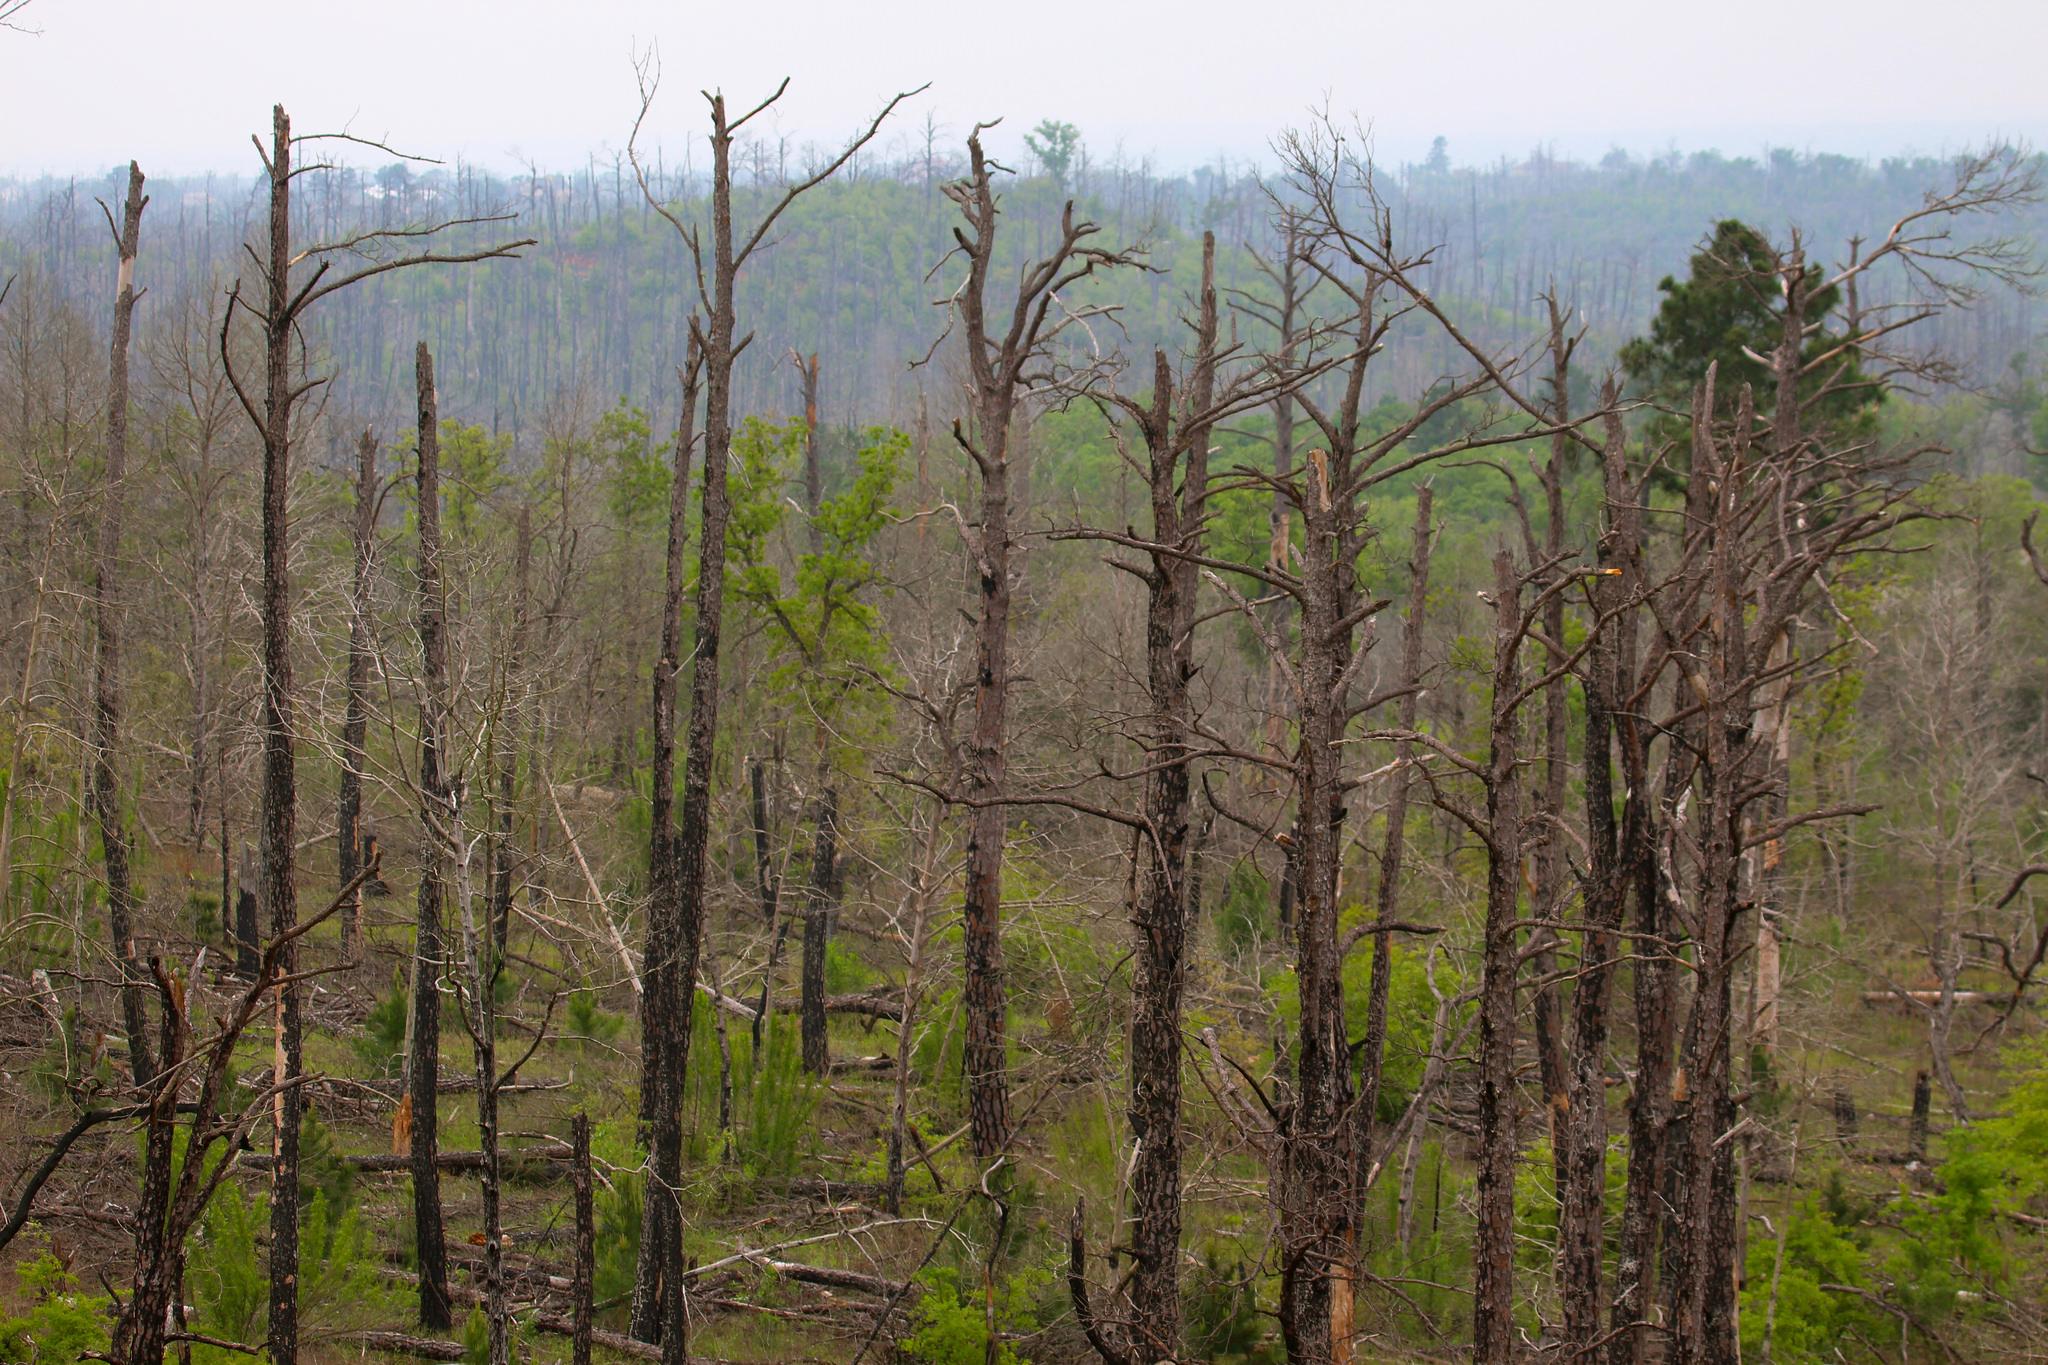 bastrop state park wildfire flood 2011 2015